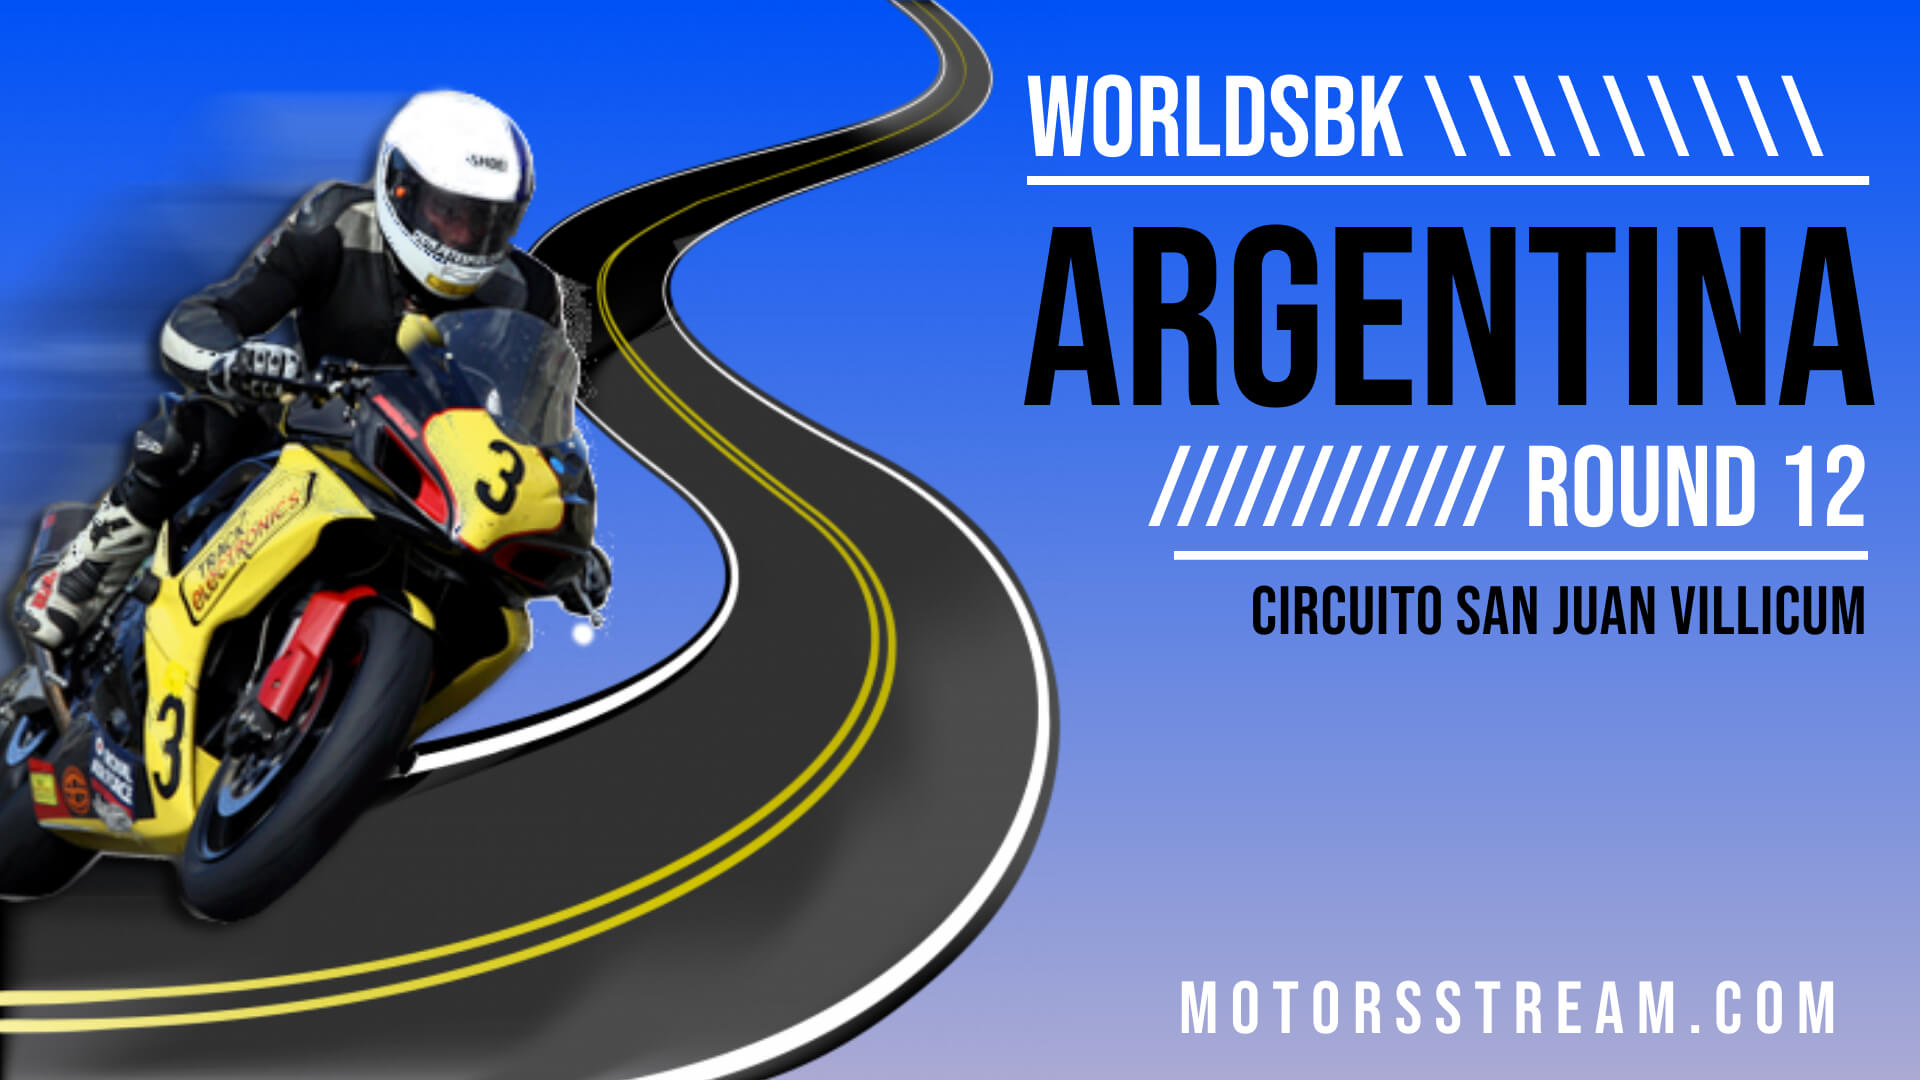 Argentina WSBK Round 12 Live Stream 2021